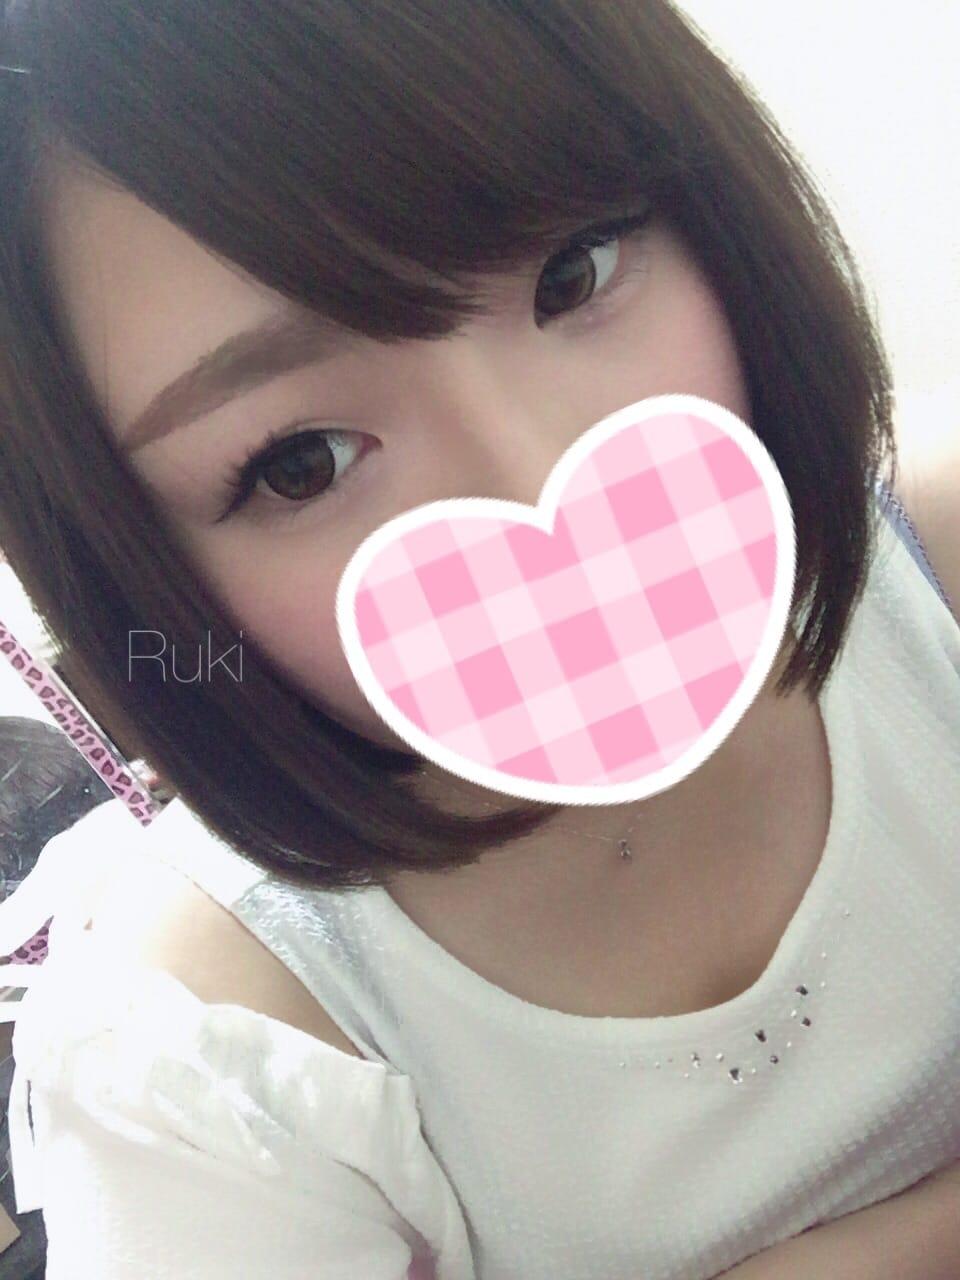 「> お礼♡」09/21(09/21) 13:59   るき 癒し系HカップGIRLの写メ・風俗動画